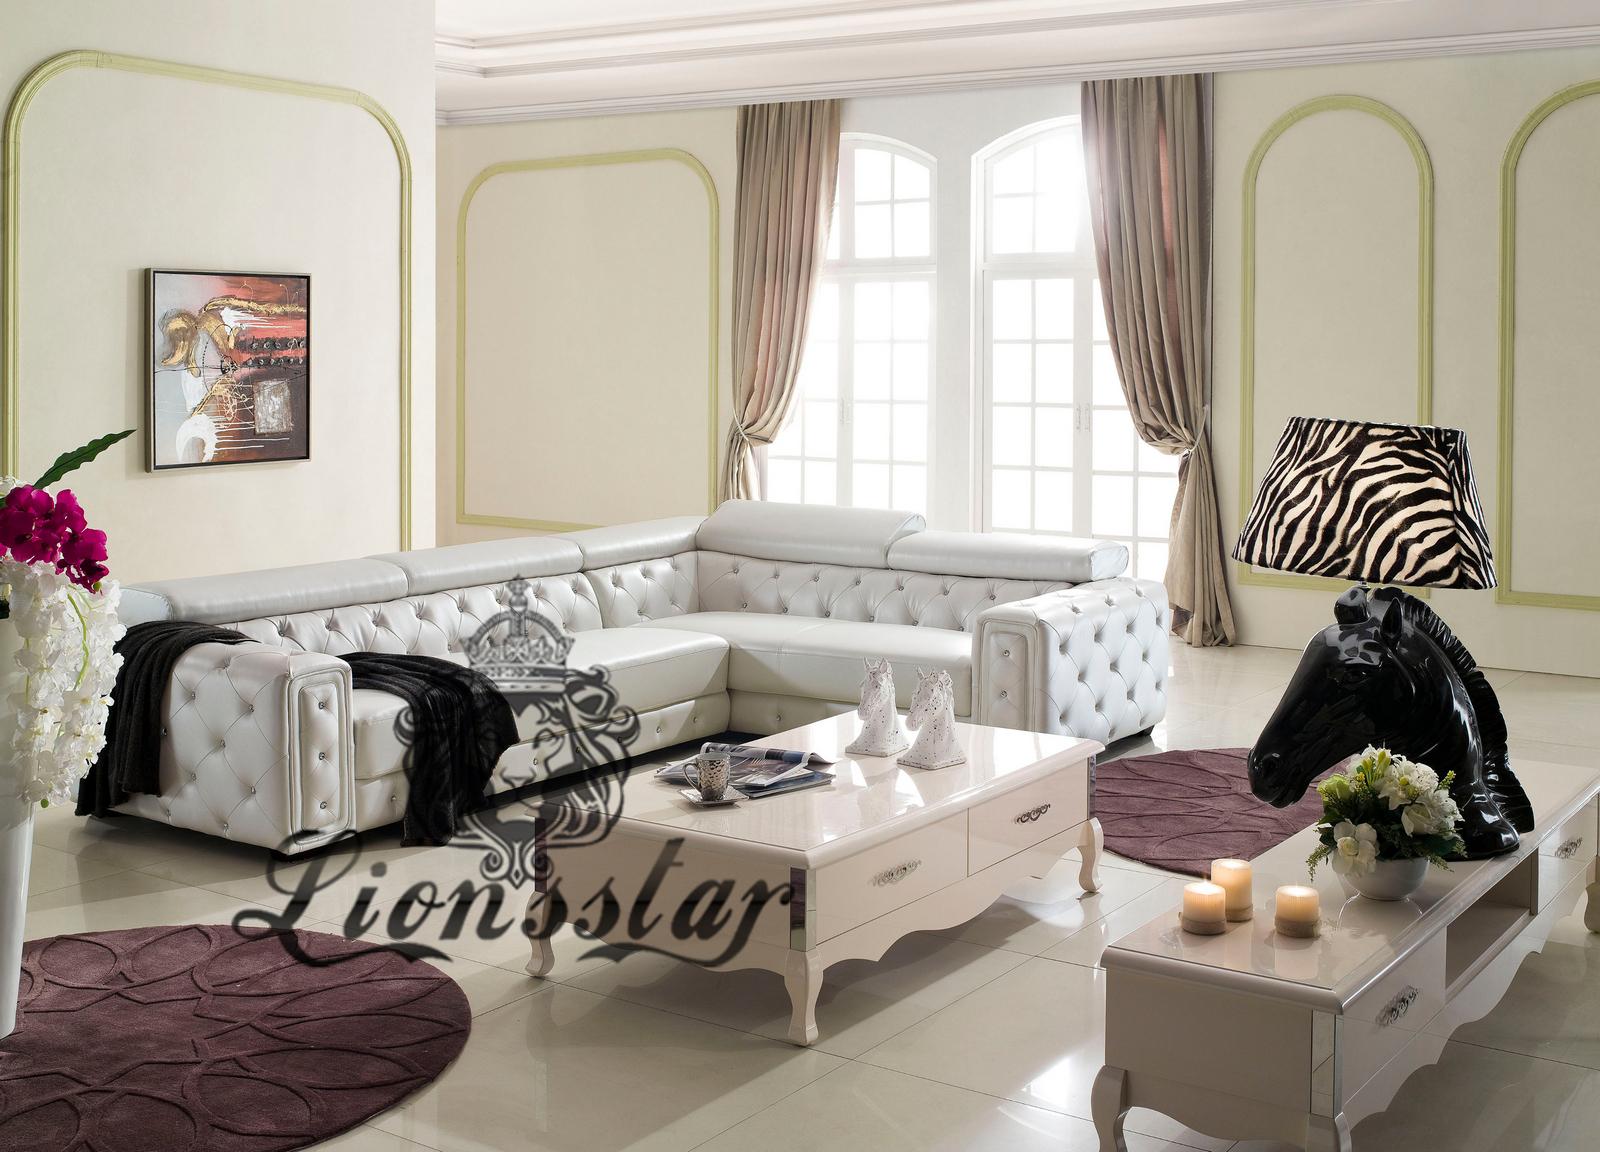 Wohnzimmer Sofaset mit Couch   Lionsstar GmbH